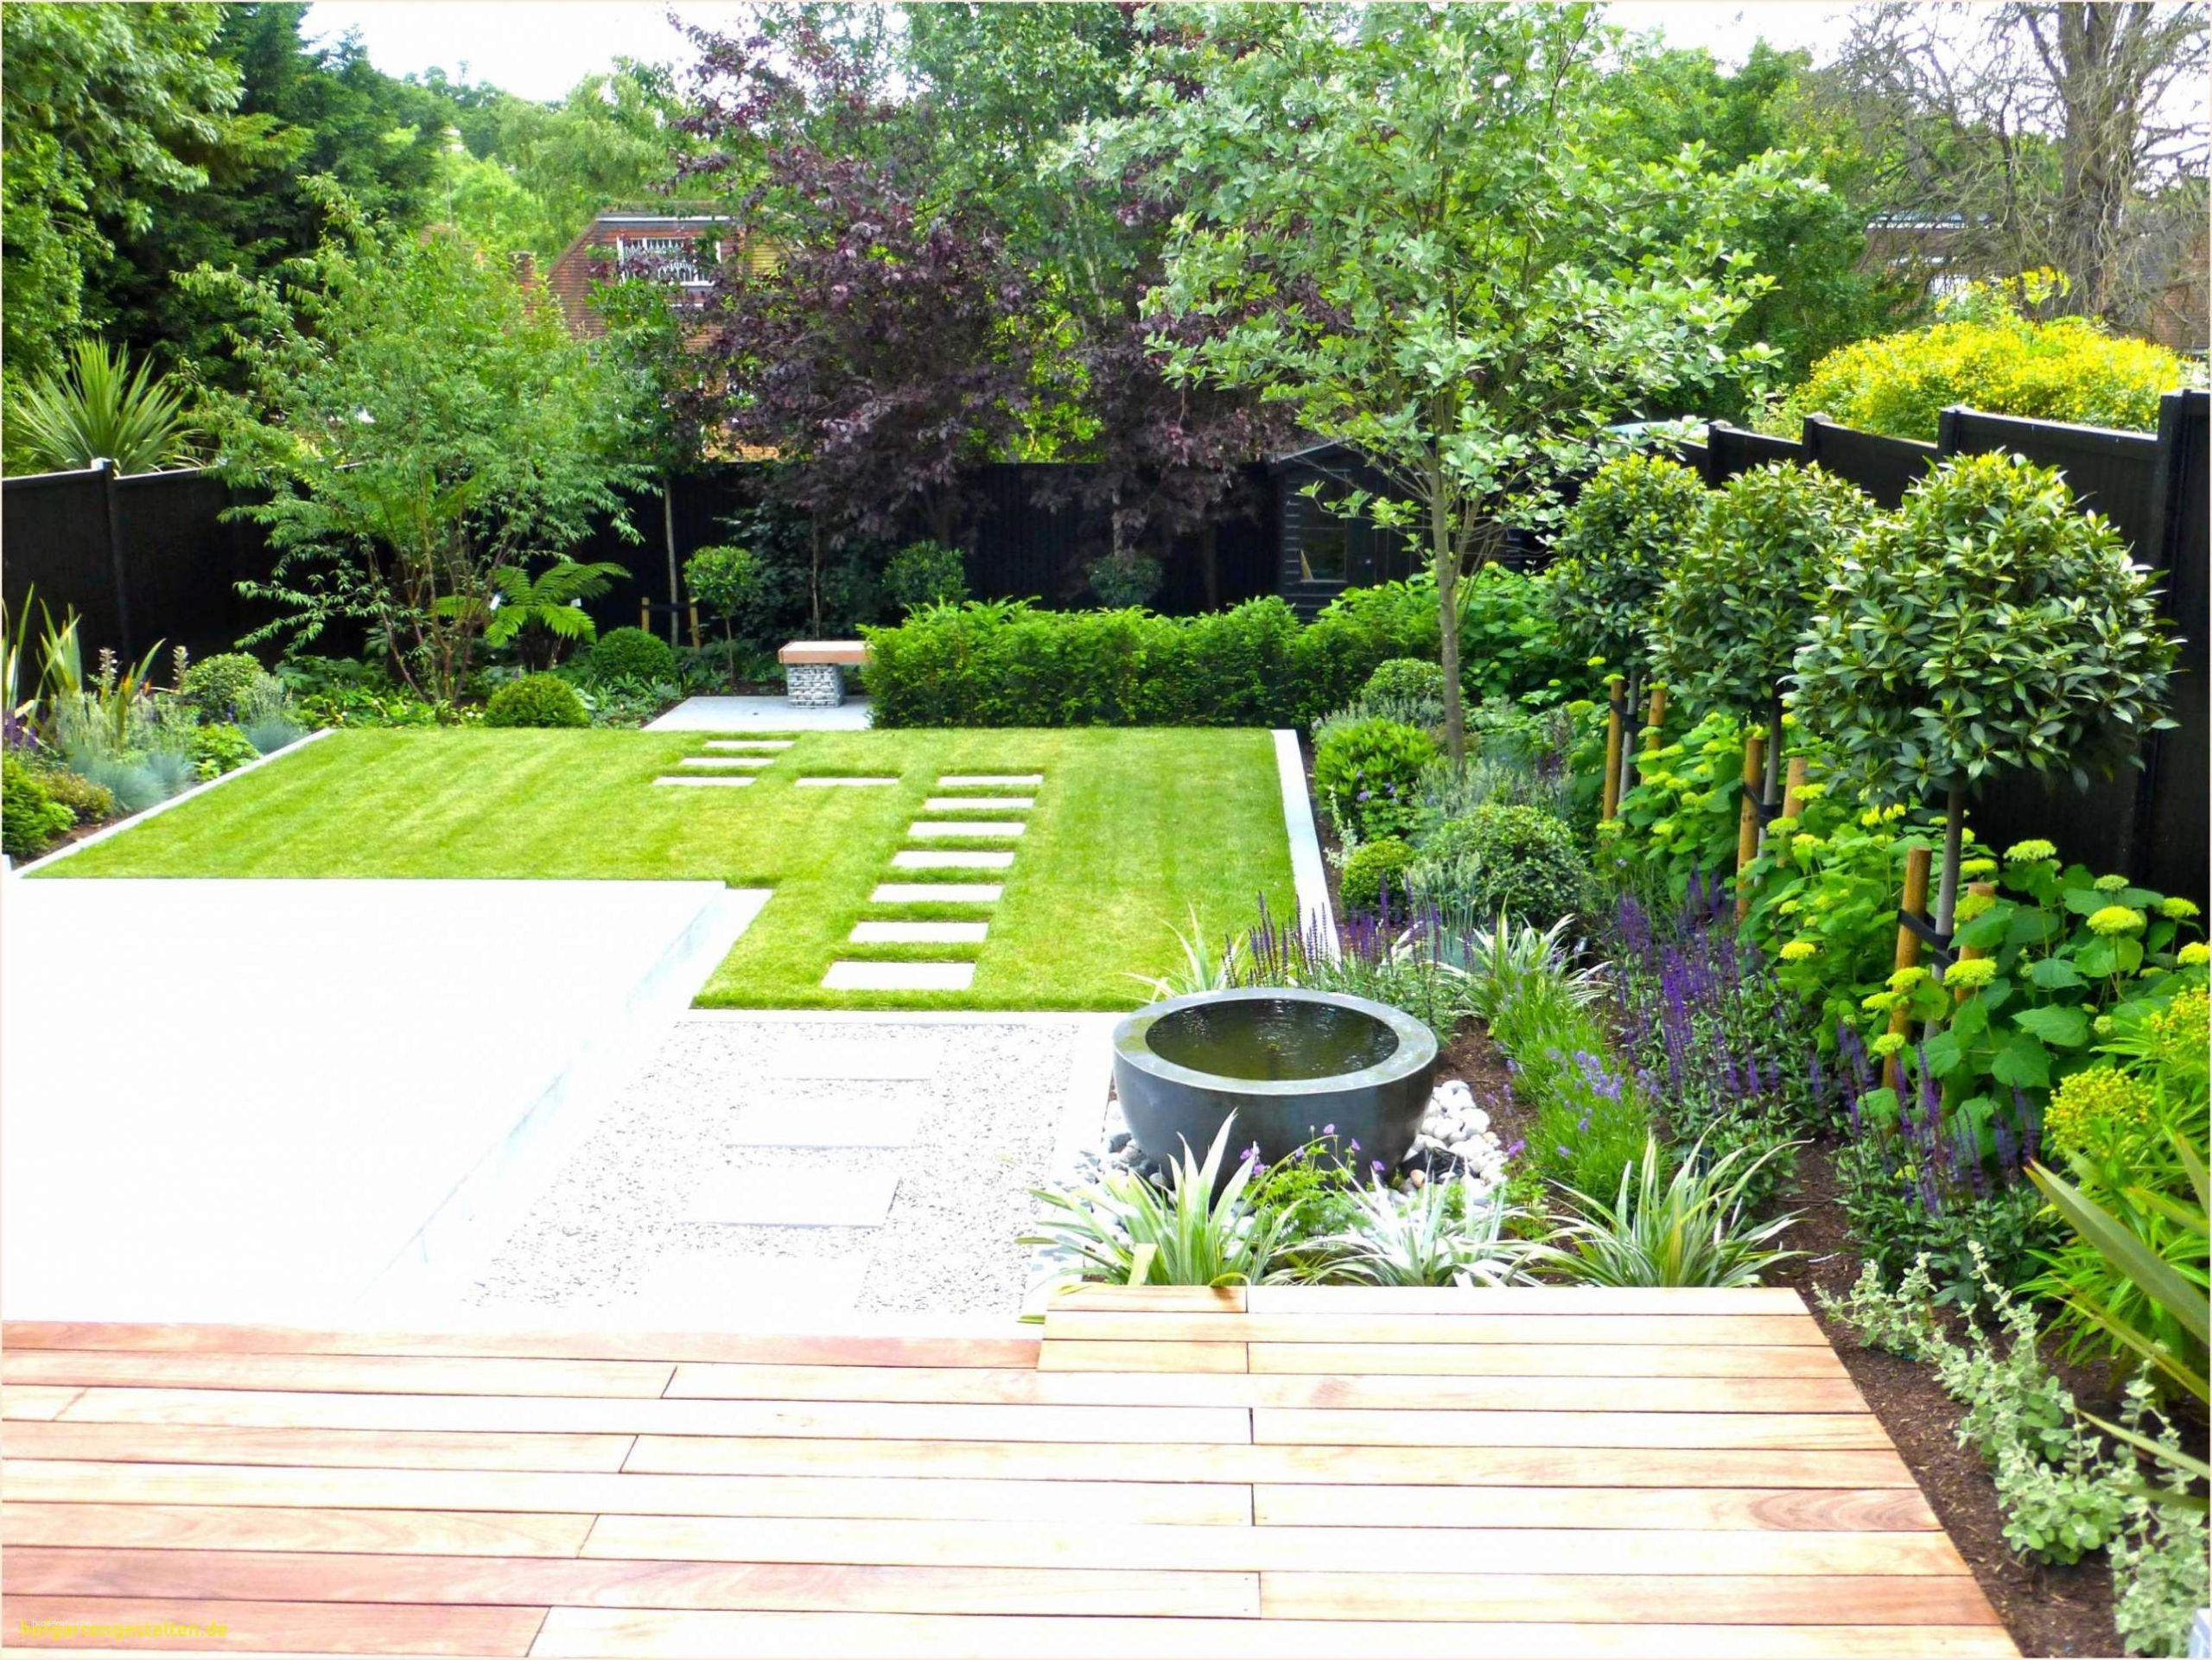 Feuerstelle Garten Erlaubt Elegant Feuerstellen Im Garten — Temobardz Home Blog